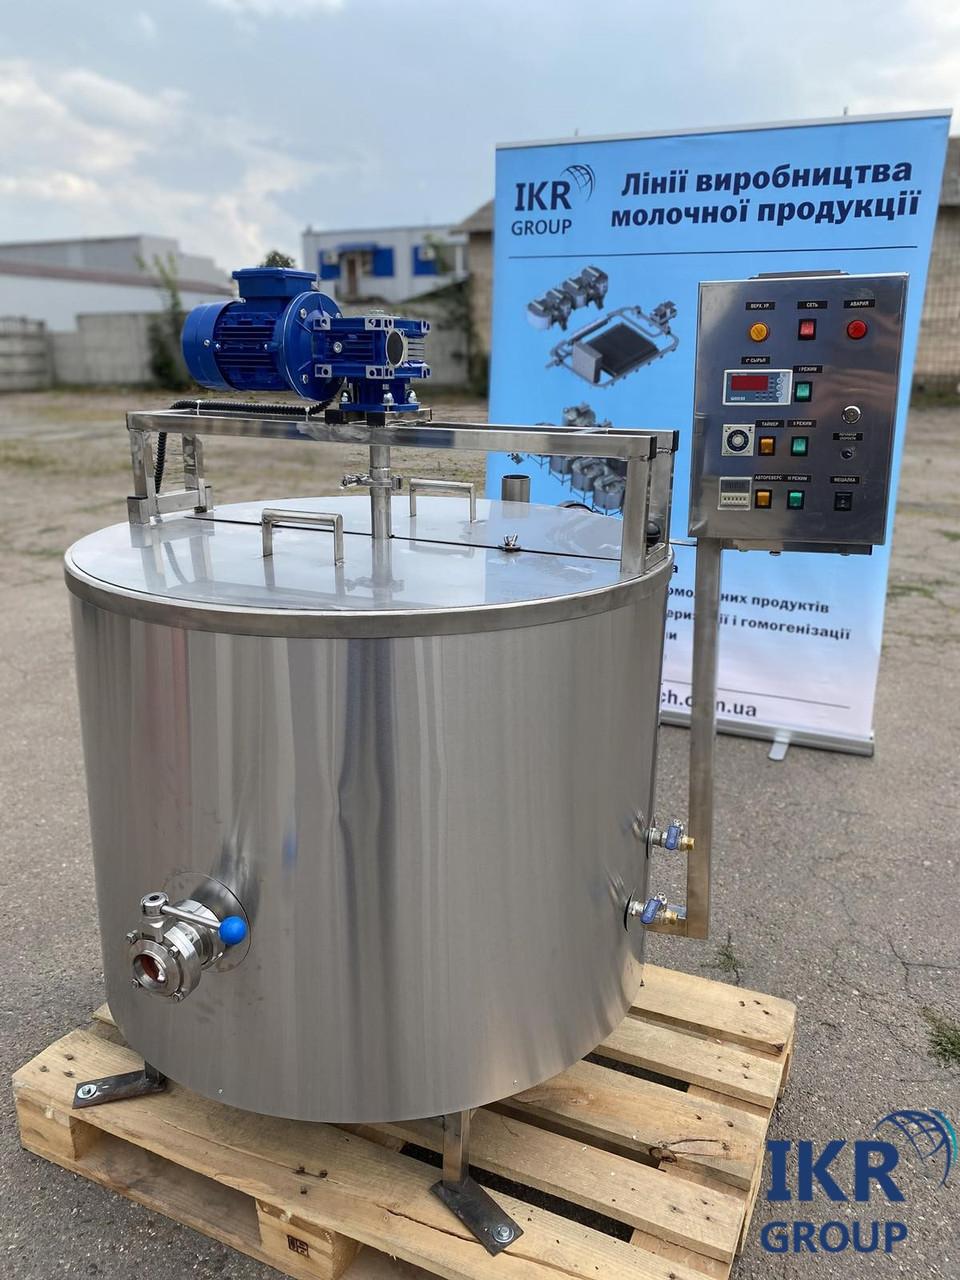 Сыроварня 300 литров / Варочный котел-сыроварня / пастеризатор з нержавейки для производства сыра новая